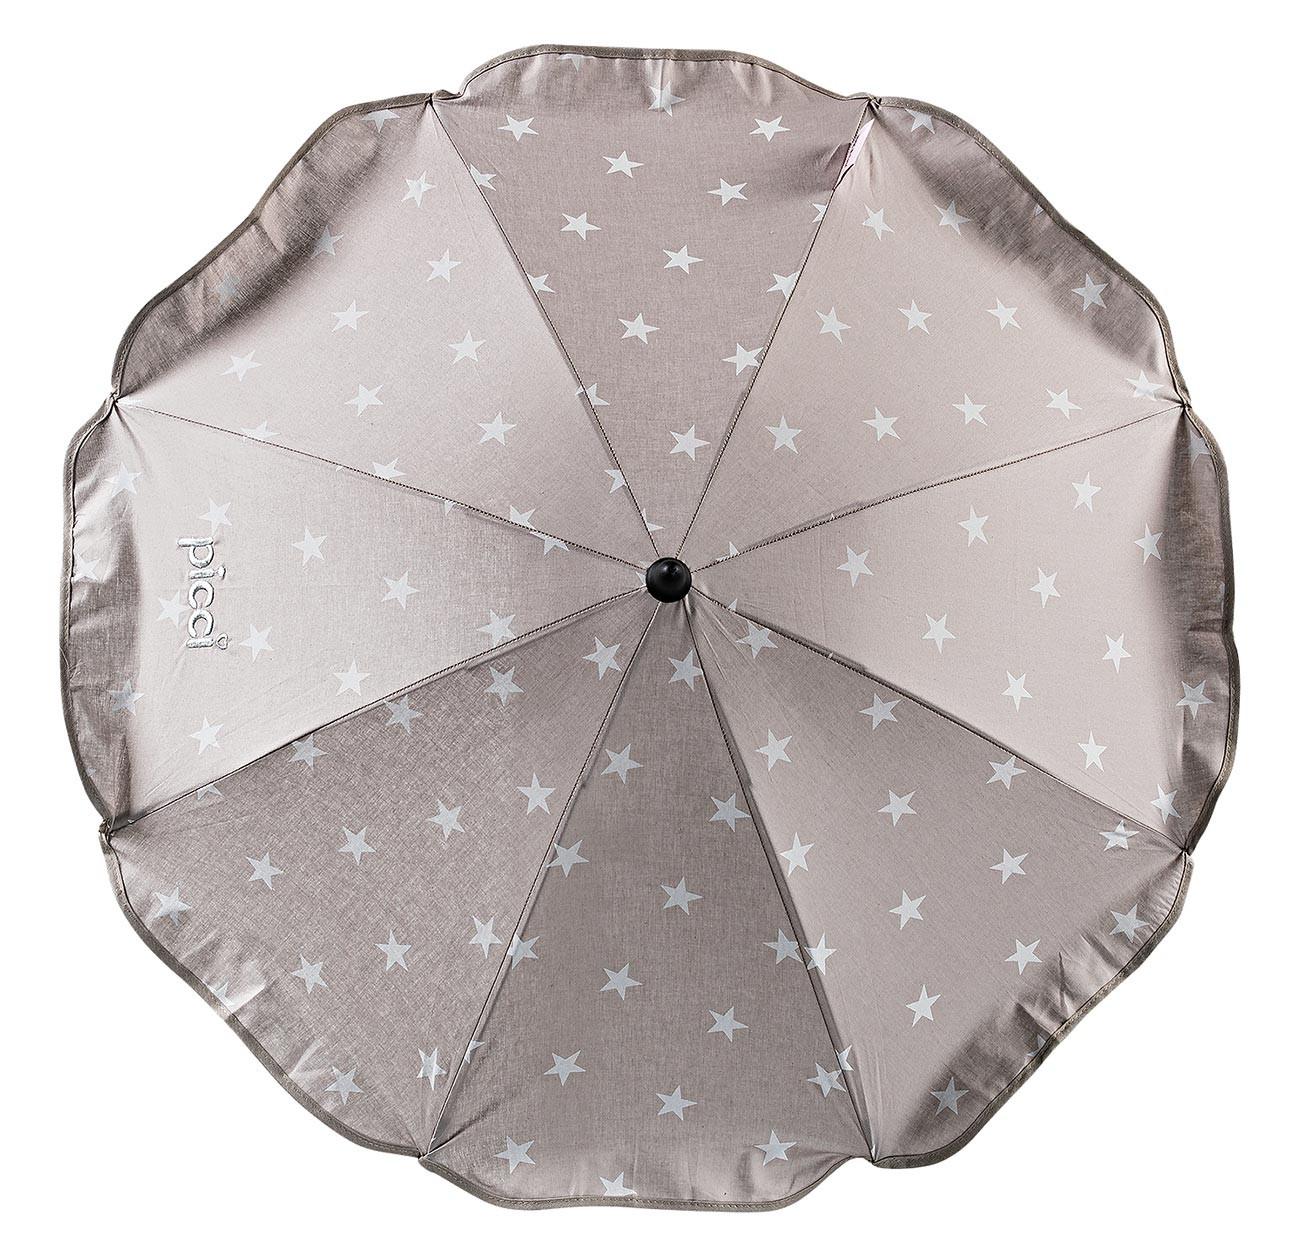 Sombrilla con estrellas para silla de paseo Beige